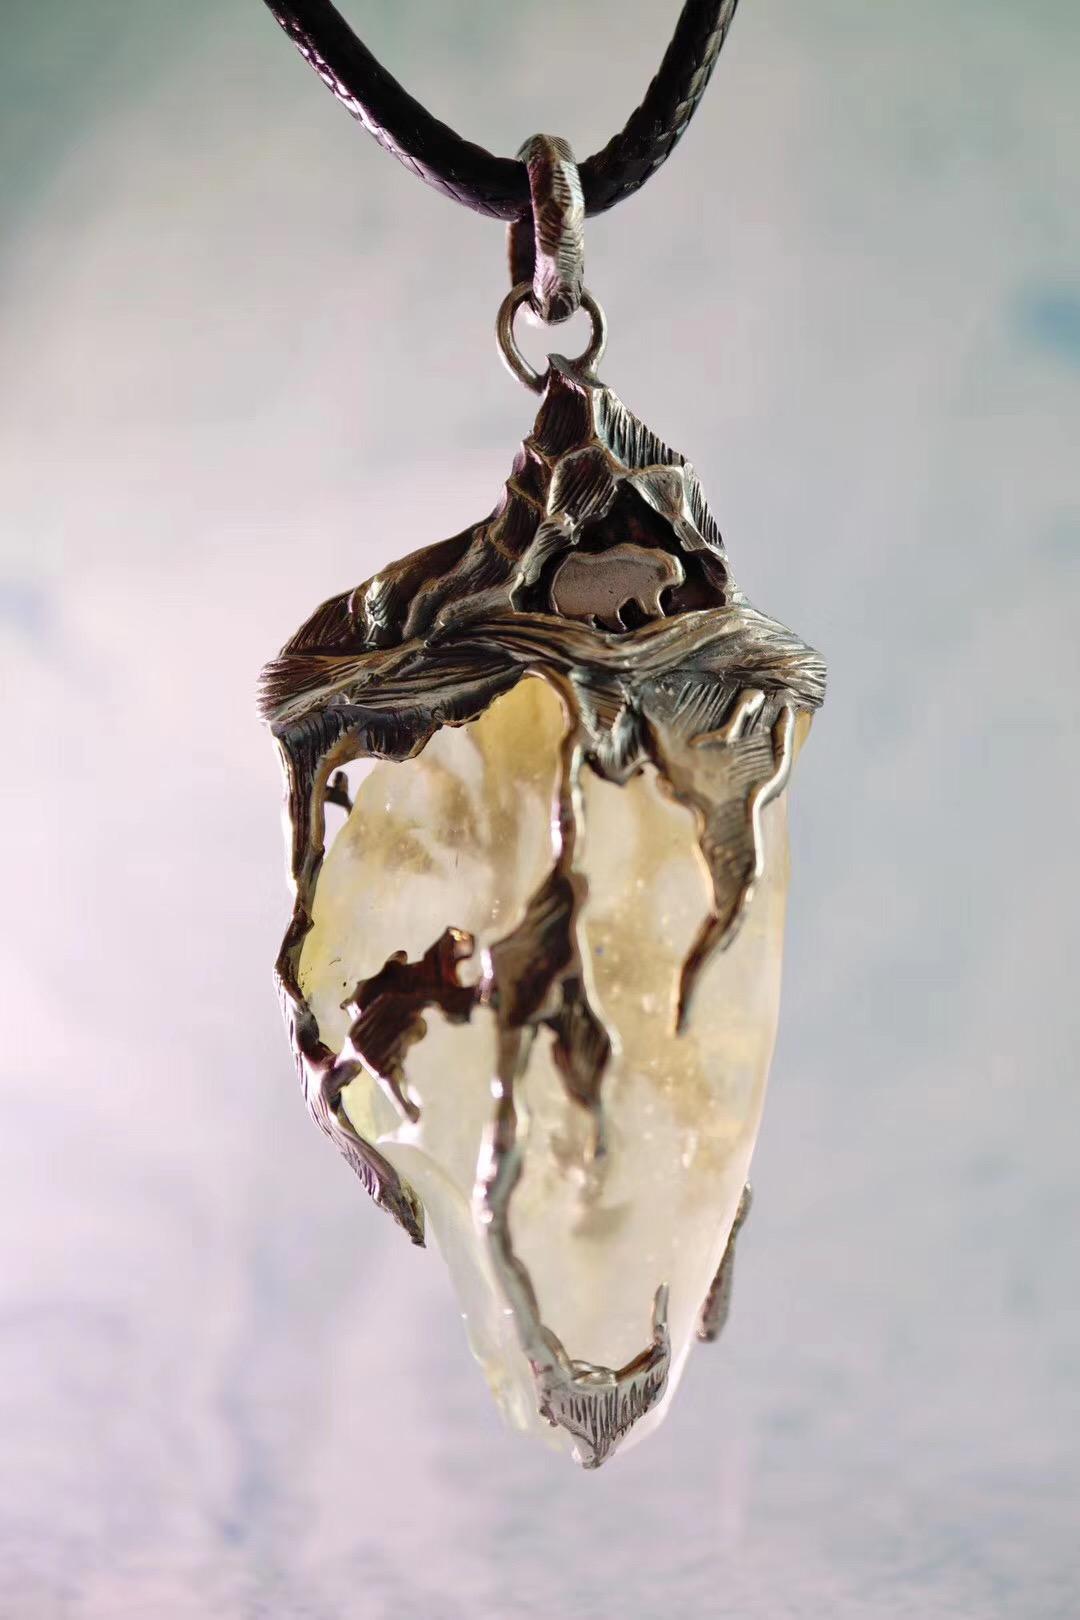 【利比亚黄金陨石】每一条纹路都是纯手工雕刻出来的-菩心晶舍